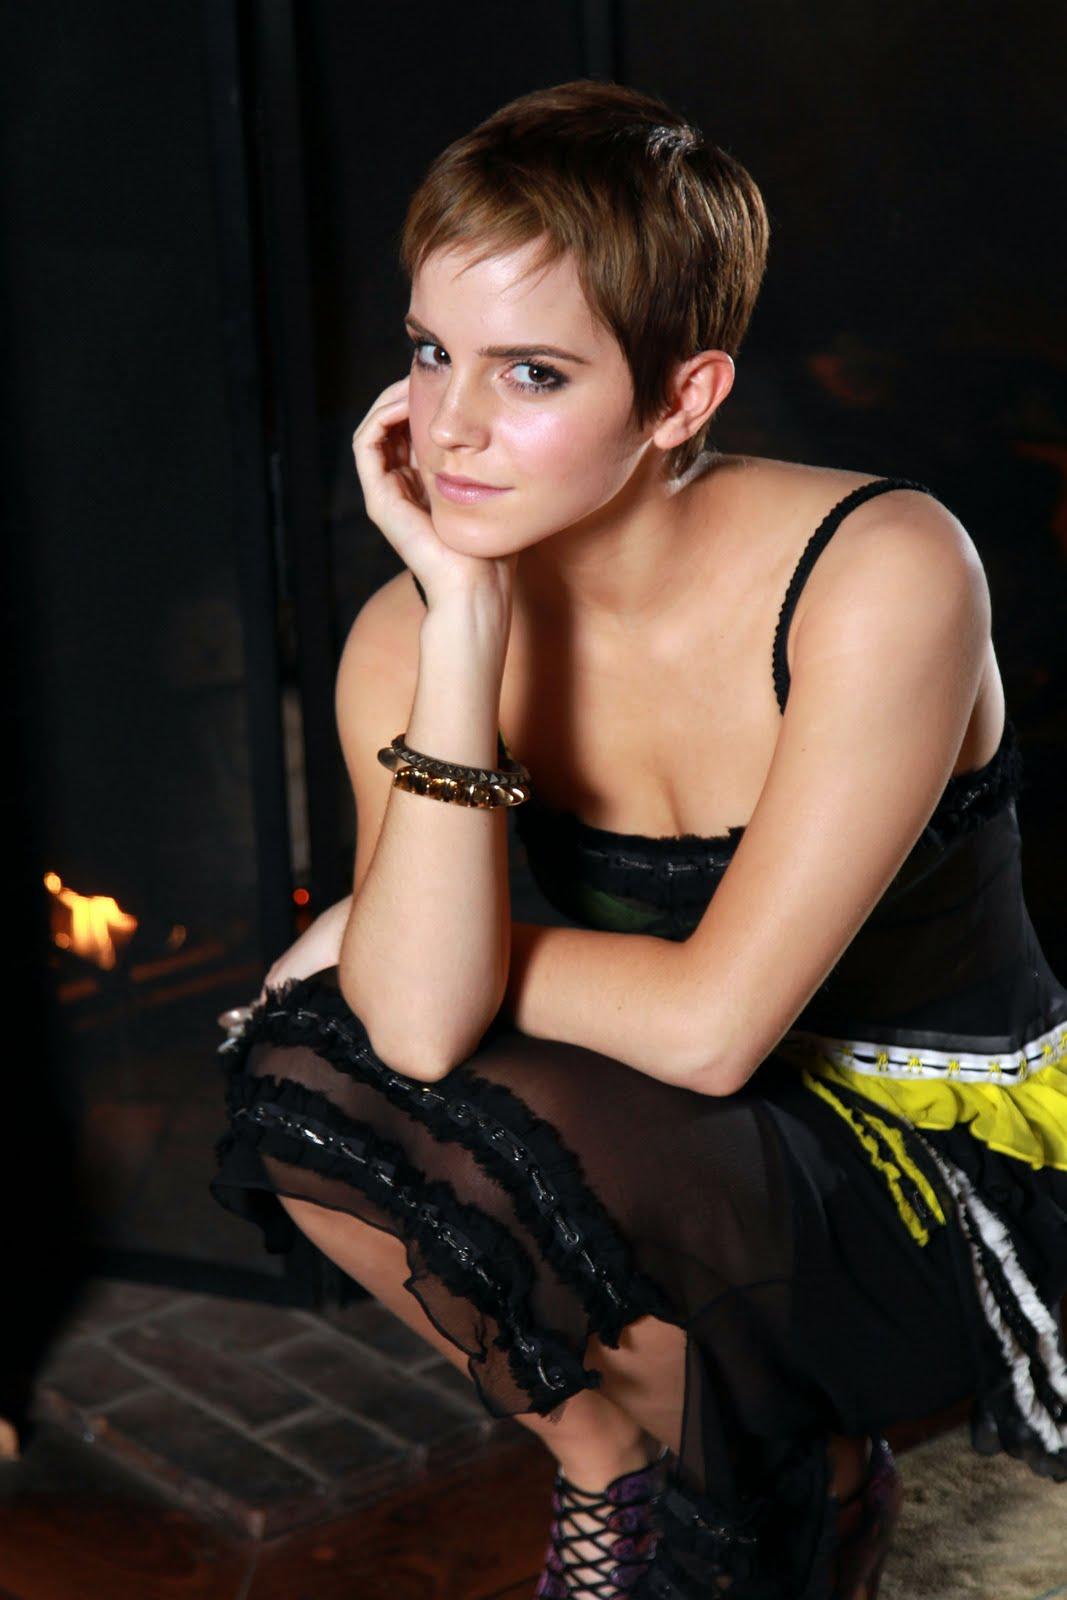 http://2.bp.blogspot.com/-UkSgYBRJiA4/TbykOH0yO6I/AAAAAAAACmc/W1xlKdkLpvk/s1600/Emma+Watson+-+Women%2527s+Wear+Daily+Photoshoot+7.jpg